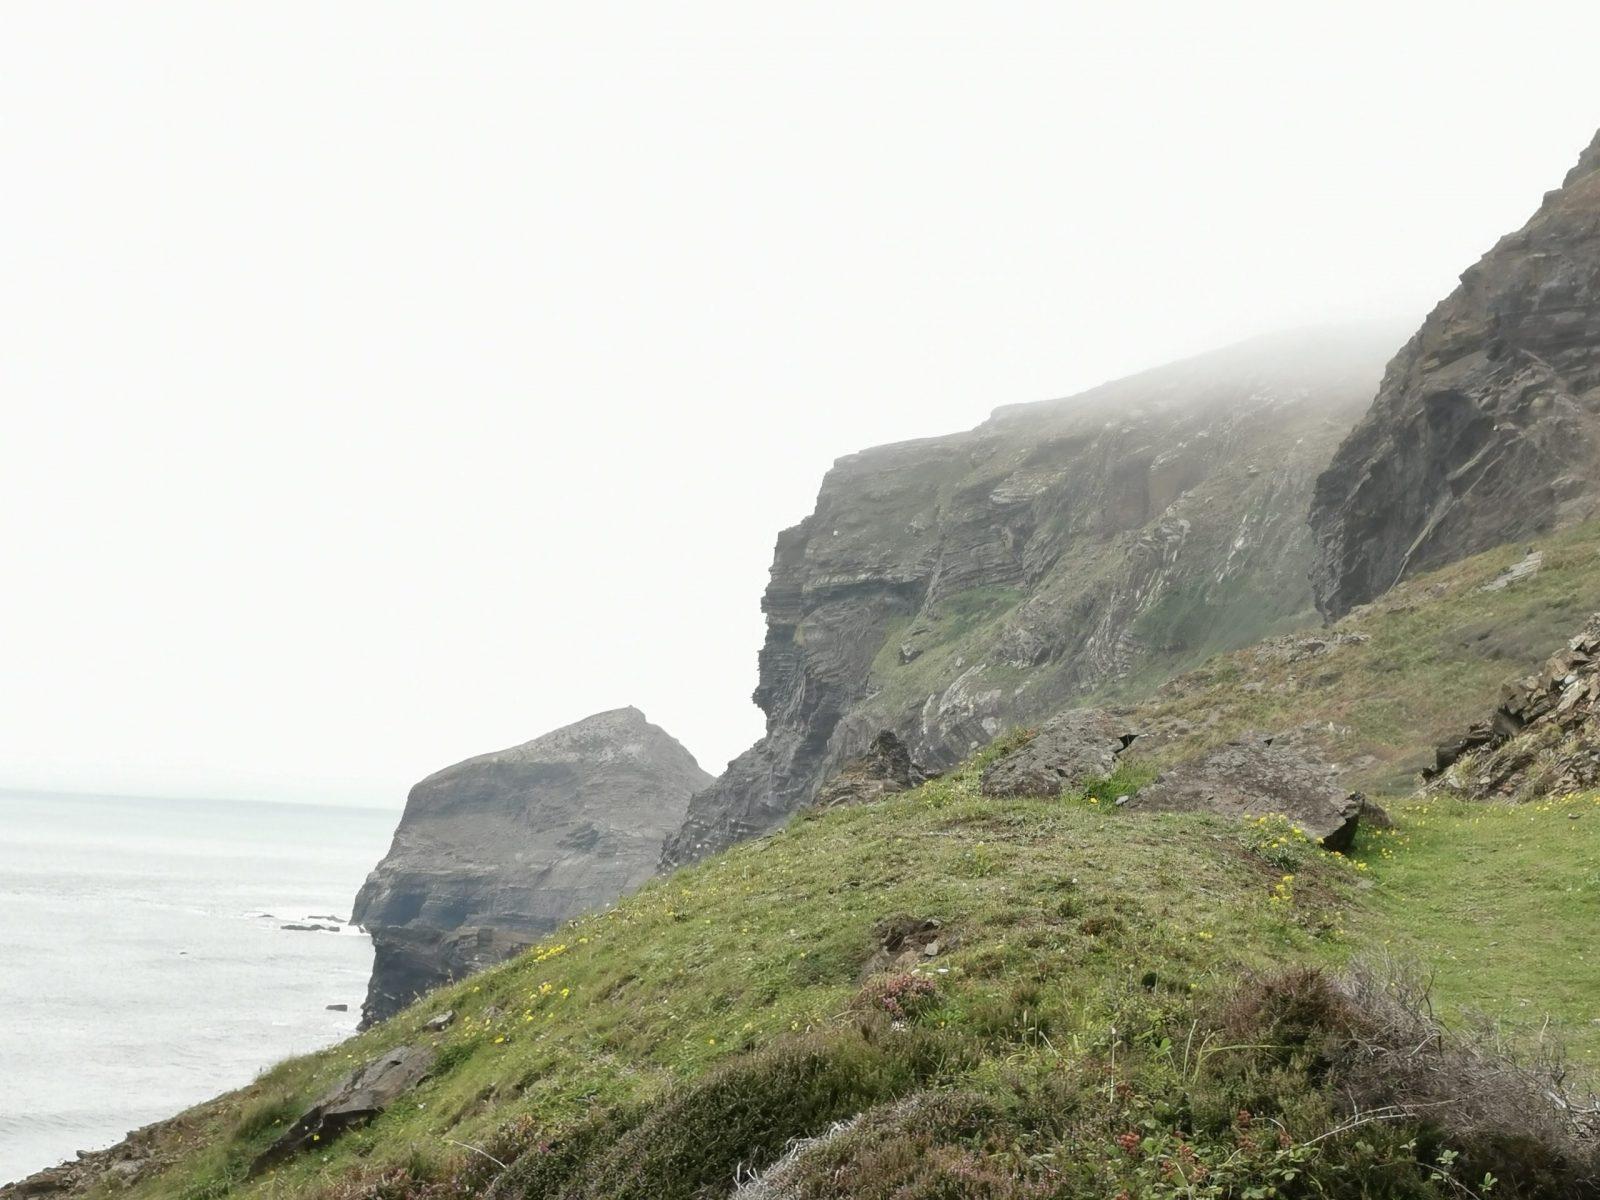 The Strangles Beach & Trail: A Hidden & Quiet Beach in Cornwall 32